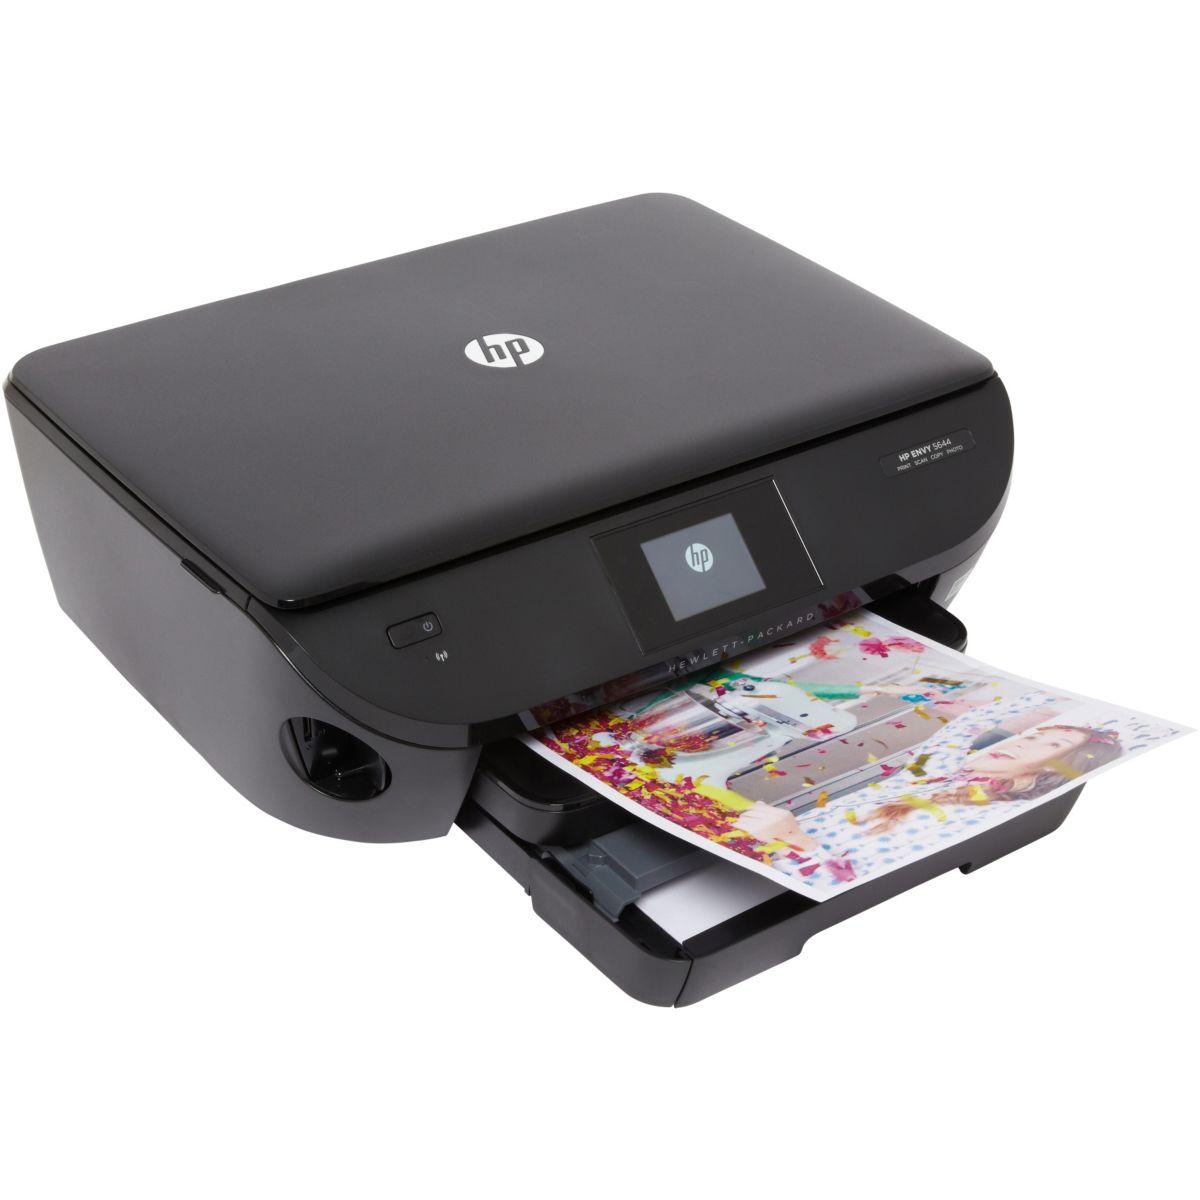 Imprimante multifonction jet d'encre HP Envy 5644 (photo)